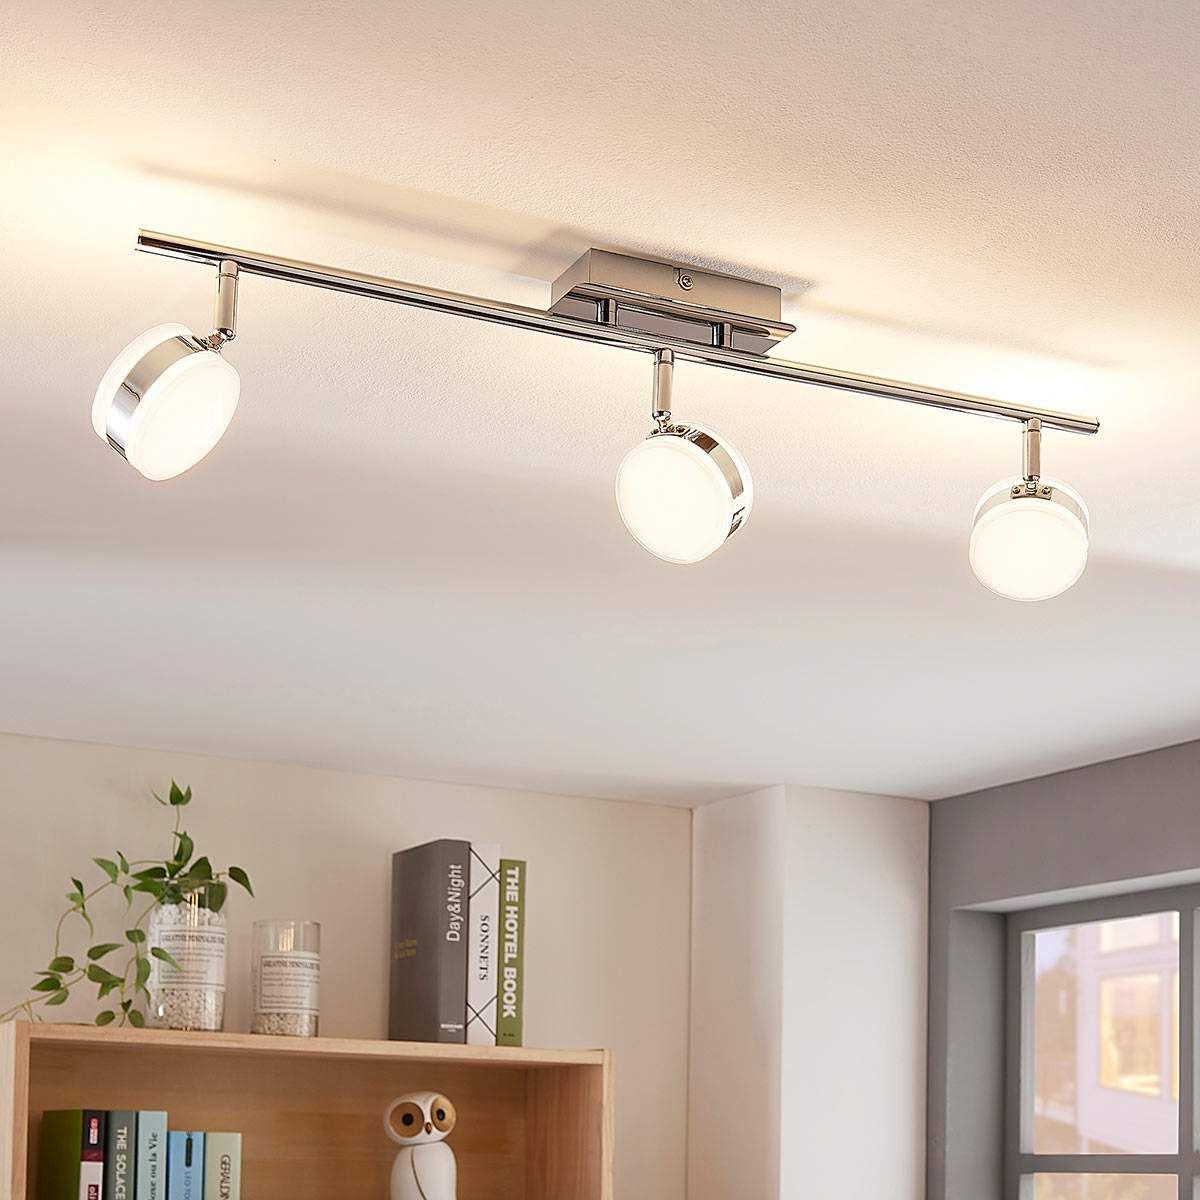 Led Deckenbeleuchtung Wohnzimmer Kuchen Deckenlampe